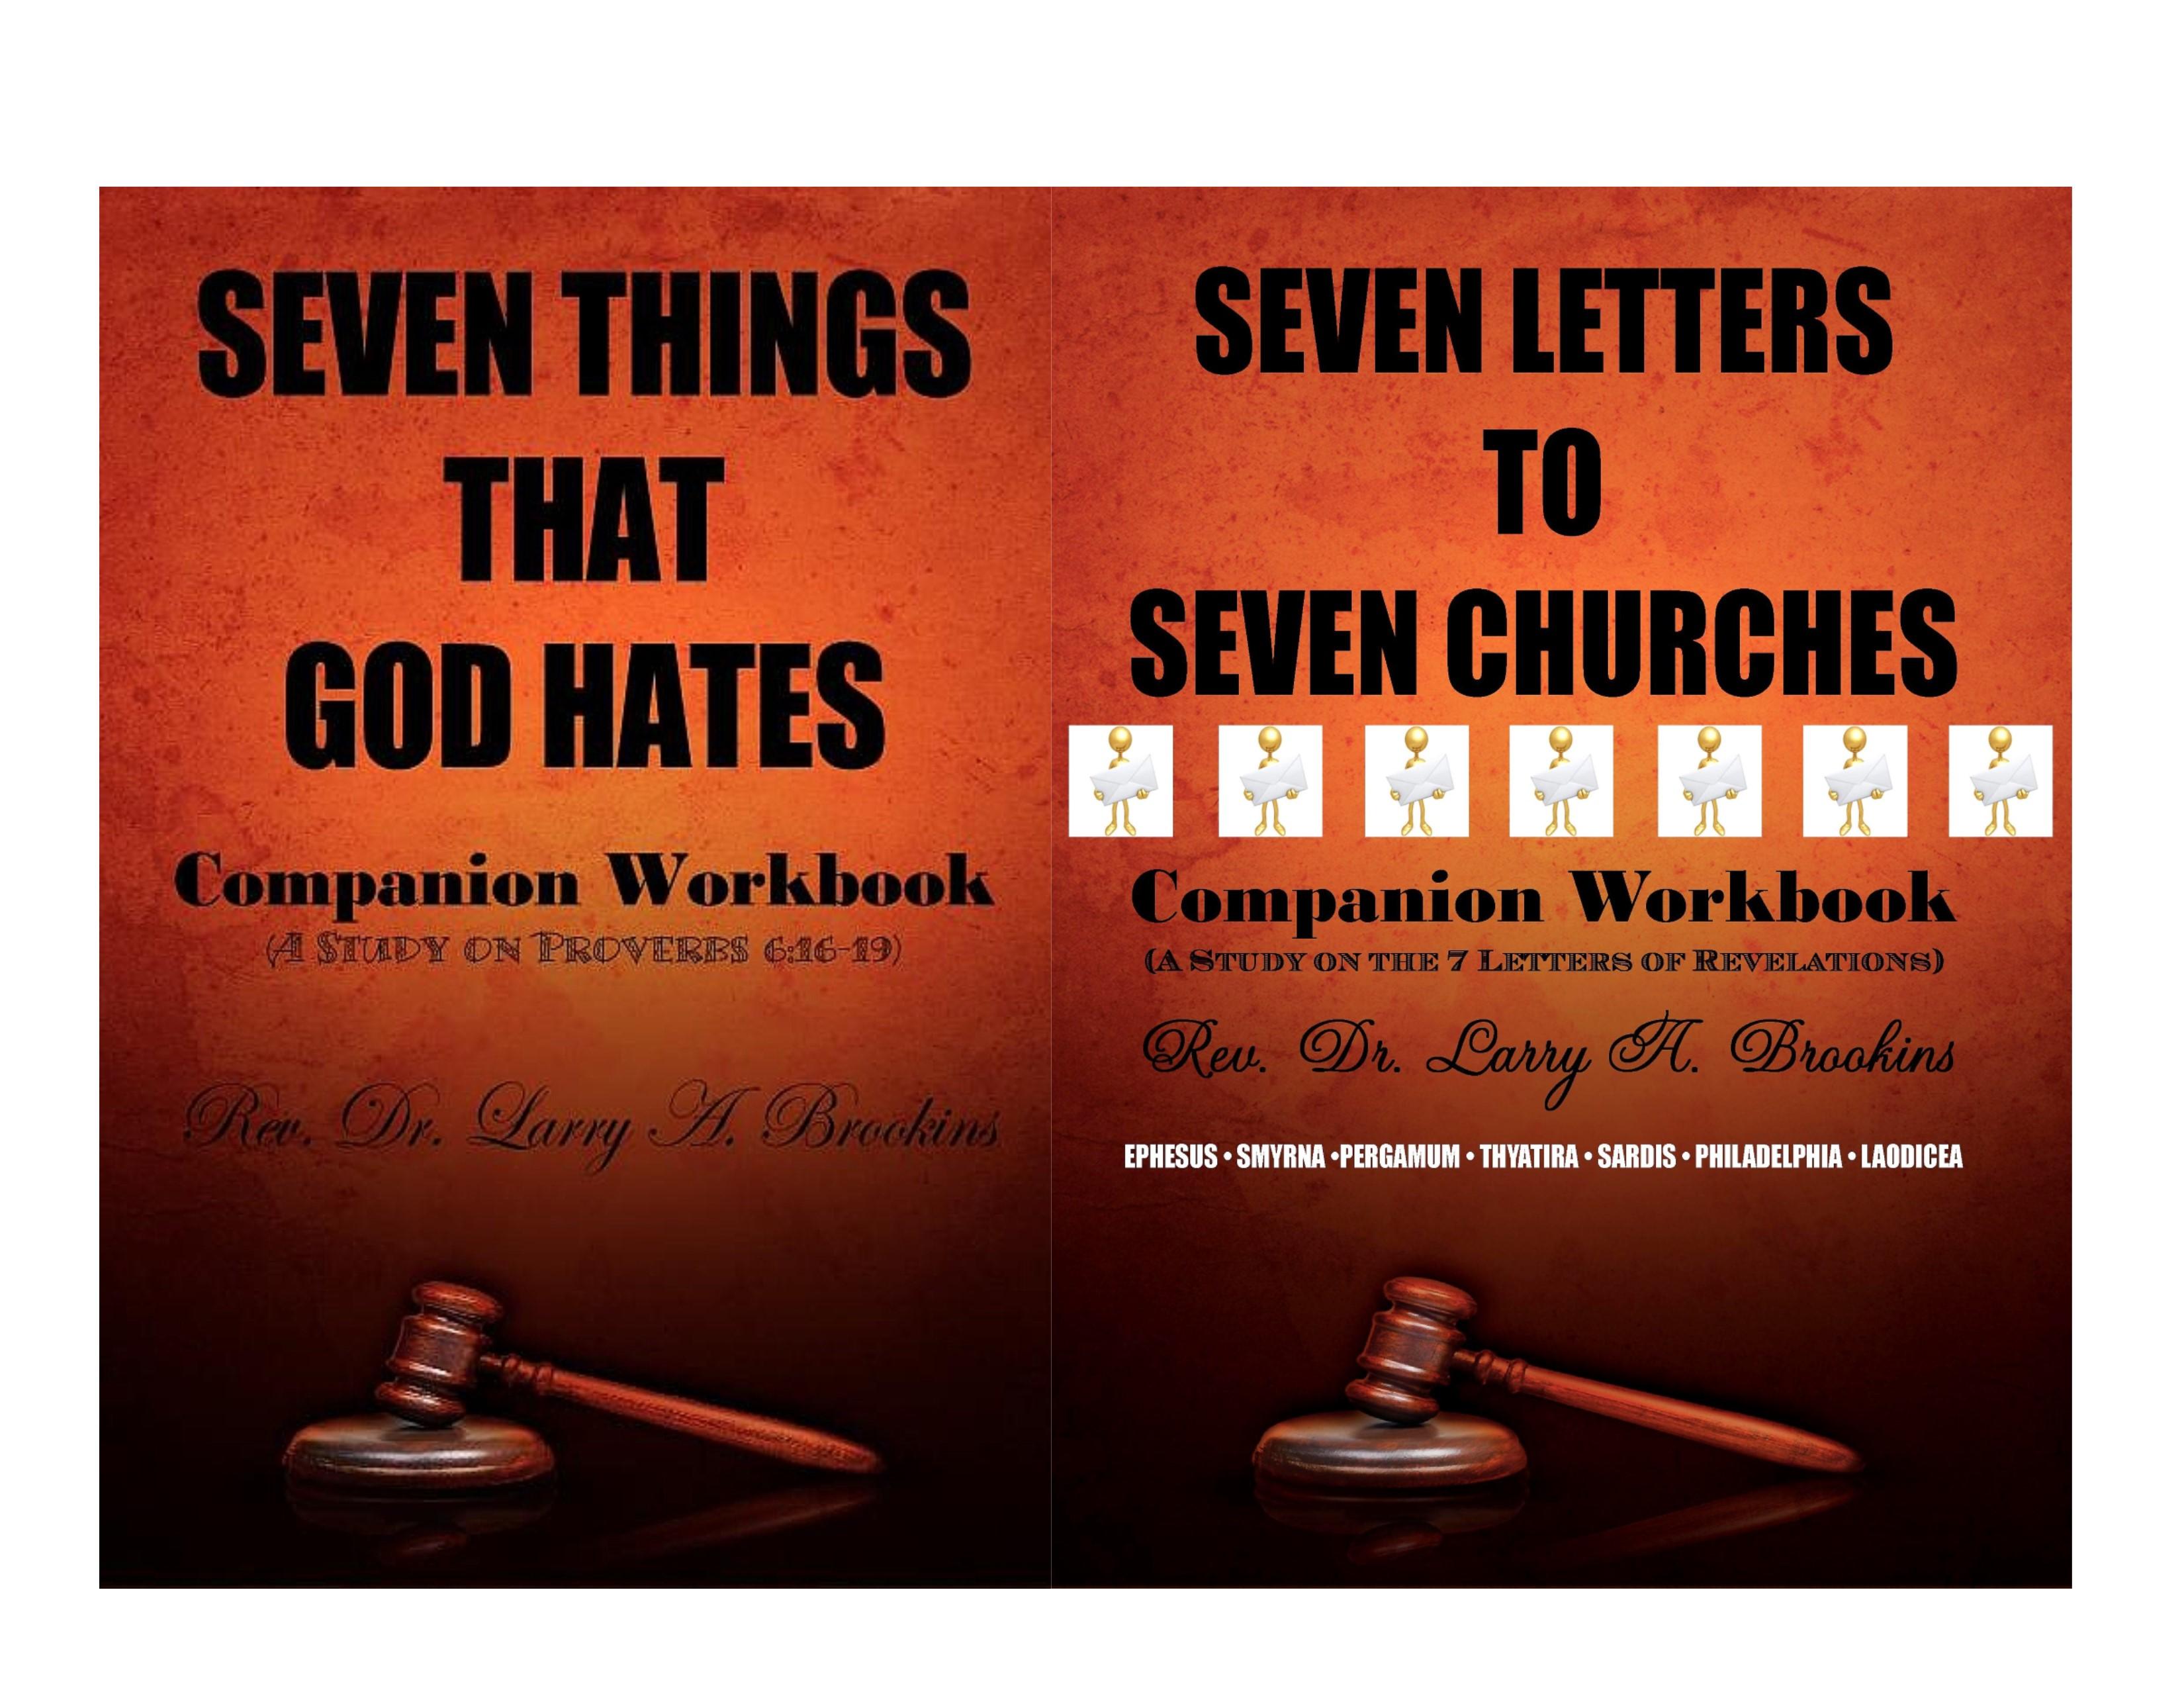 Workbooks & Manuals – LA Brookins Ministries